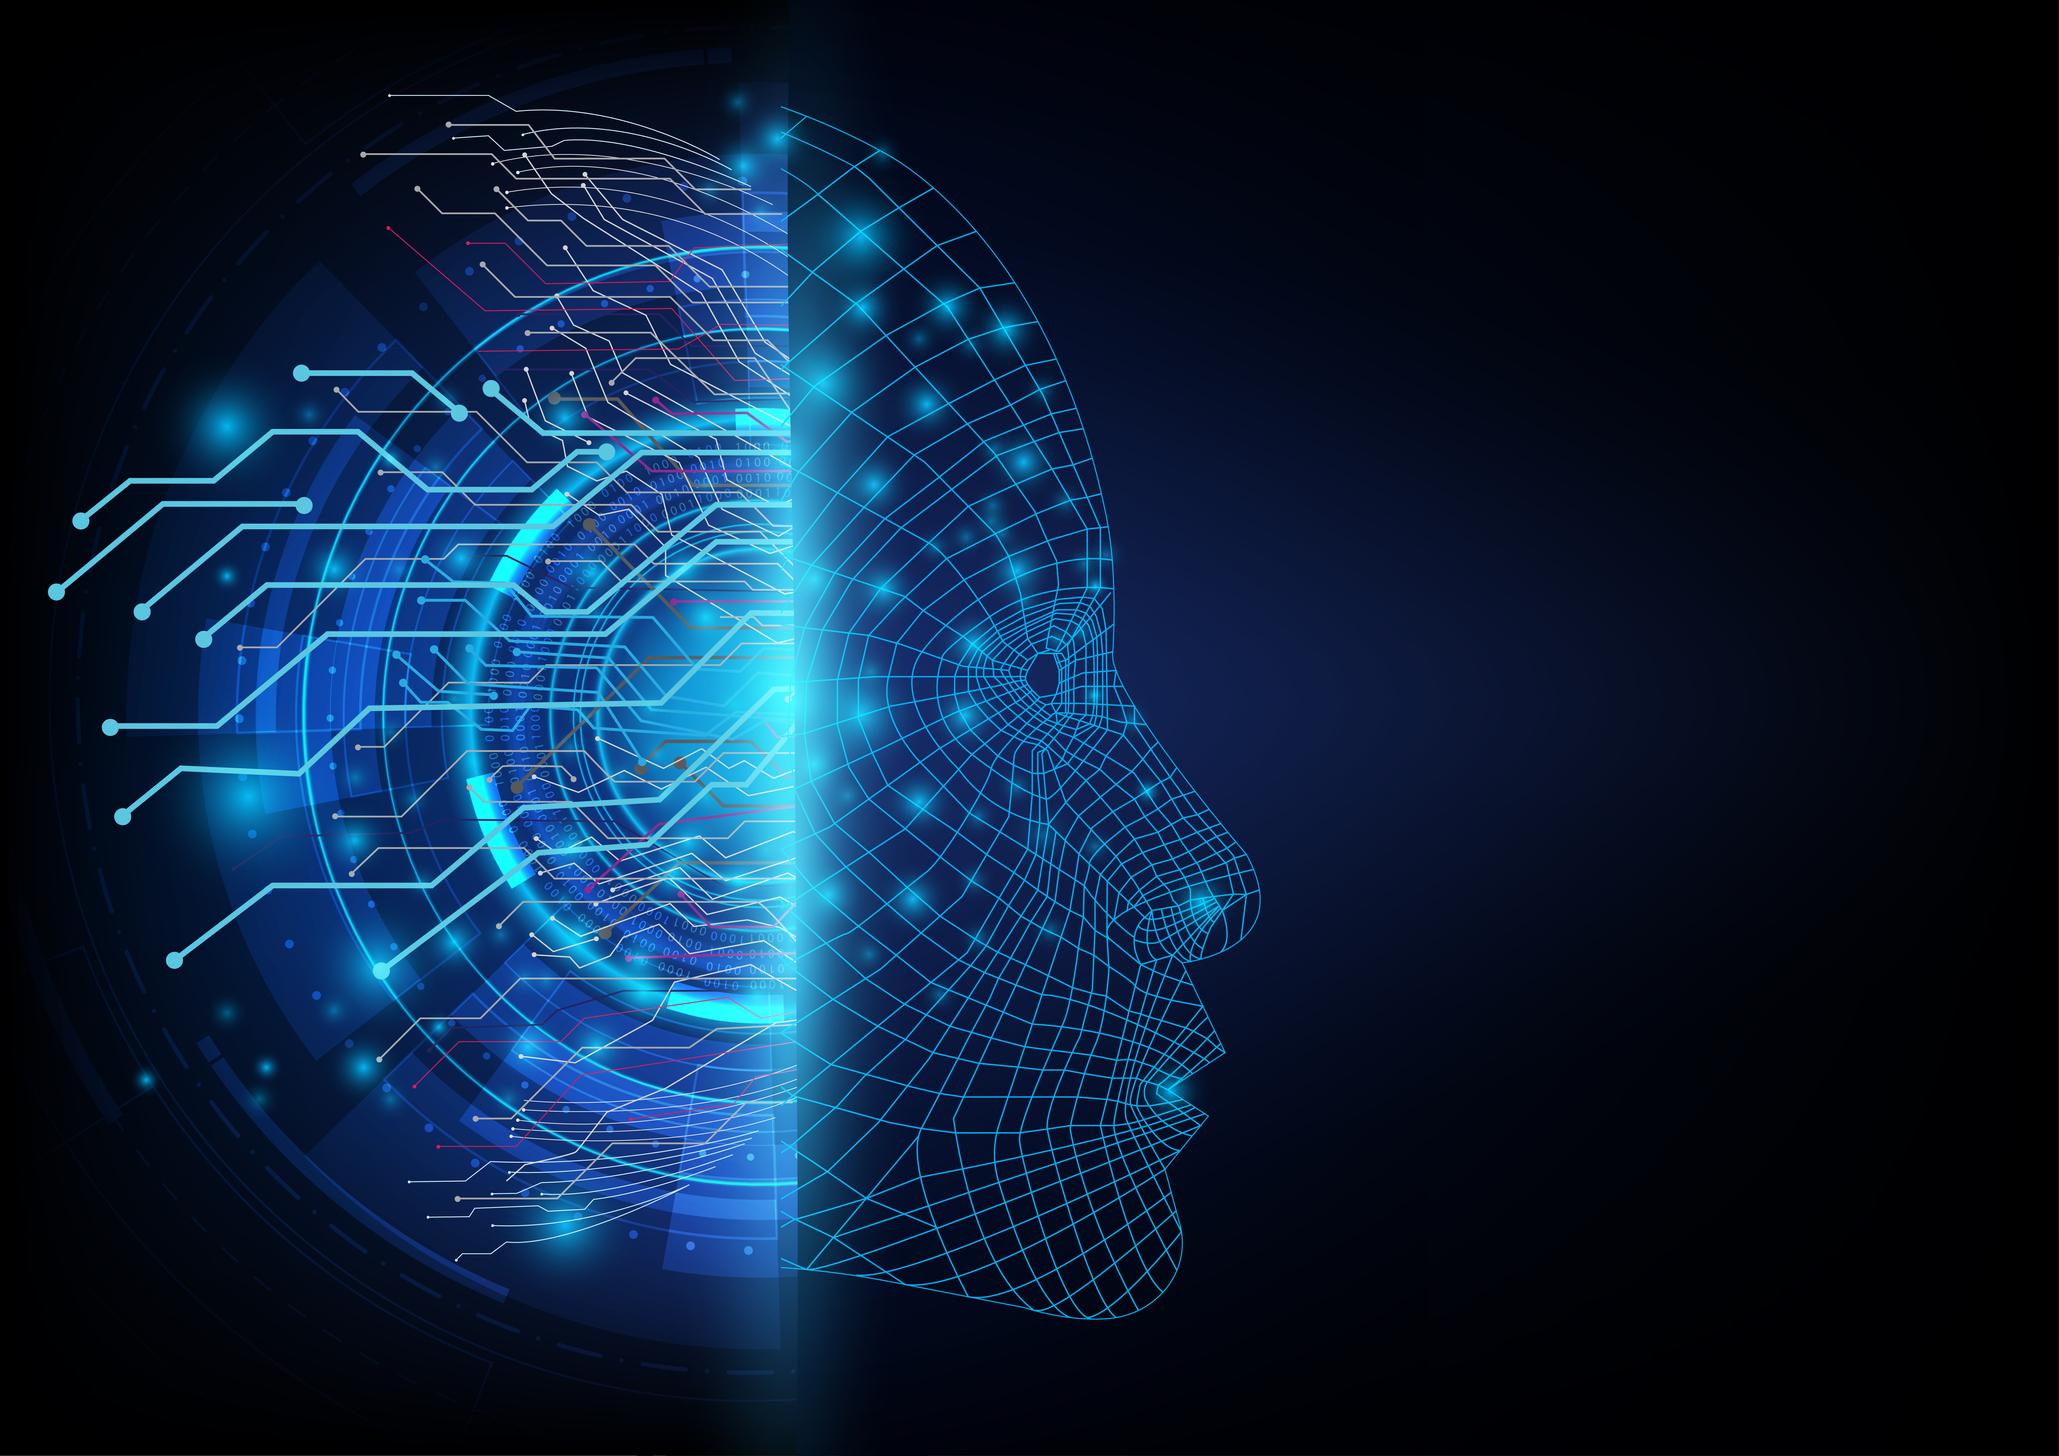 De toekomst van kunstmatige intelligentie (nadelen)